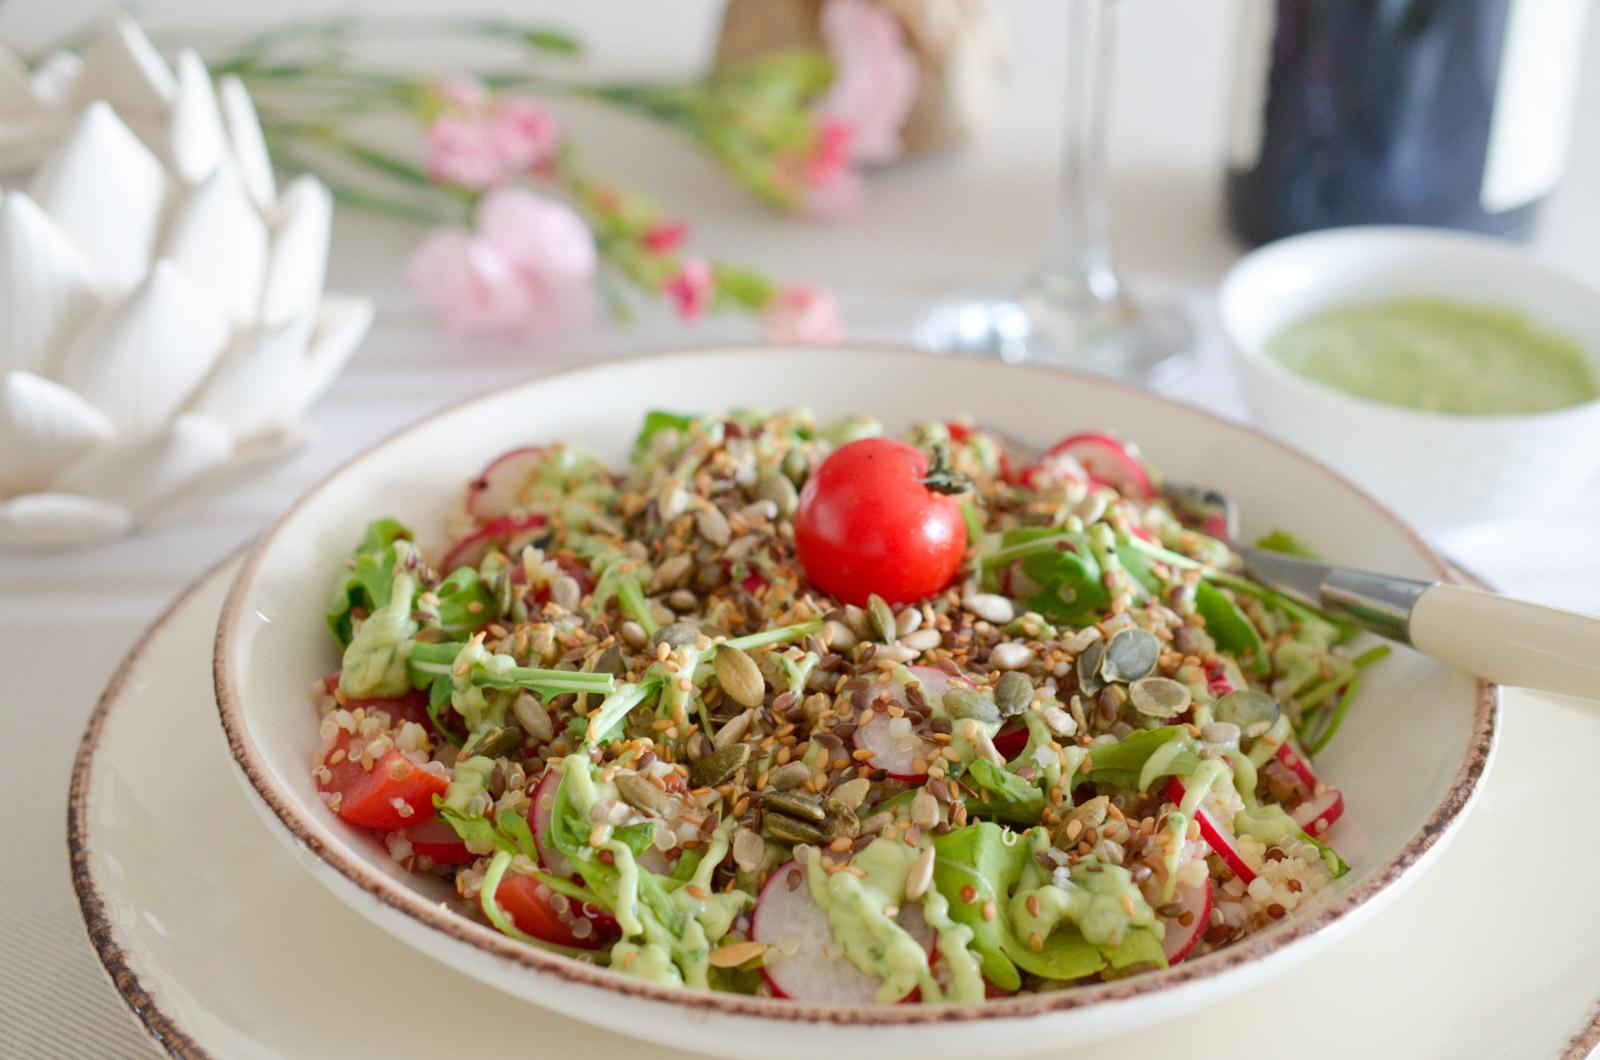 Salade de quinoa aux légumes croquants, sauce crémeuse à l'avocat